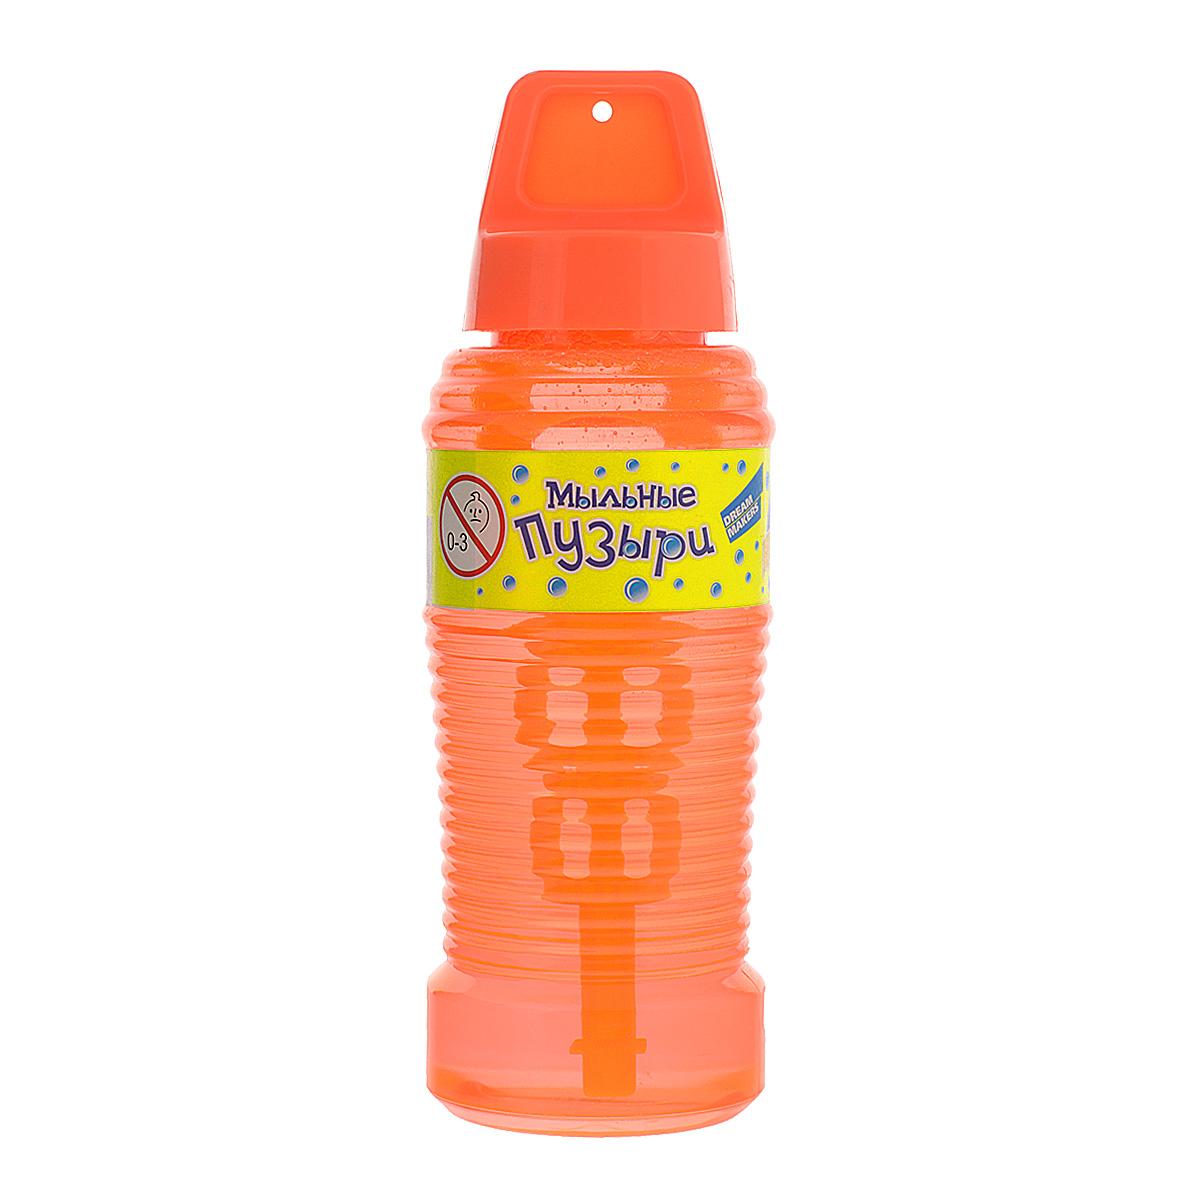 Мыльные пузыри Dream Makers Пузырия, цвет: оранжевый, 240 мл219T_оранжевыйПарящие в воздухе, большие и маленькие, блестящие мыльные пузыри всегда привлекают к себе особое внимание не только детишек, но и взрослых. Смеющиеся ребята с удовольствием забавляются и поднимают настроение всем окружающим, создавая неповторимую веселую атмосферу солнечного радостного дня. Это занятие знакомо всем. Важнейшей характеристикой при выборе пузырей является их долговечность и прочность. Выбрав мыльные шарики Dream Makers Пузырия, вы будете очень удивлены их количеством и величиной. Специальный, усовершенствованный, мыльный раствор позволяет не лопаться даже тем пузырям, которые упали на пол. Объем: 240 мл.